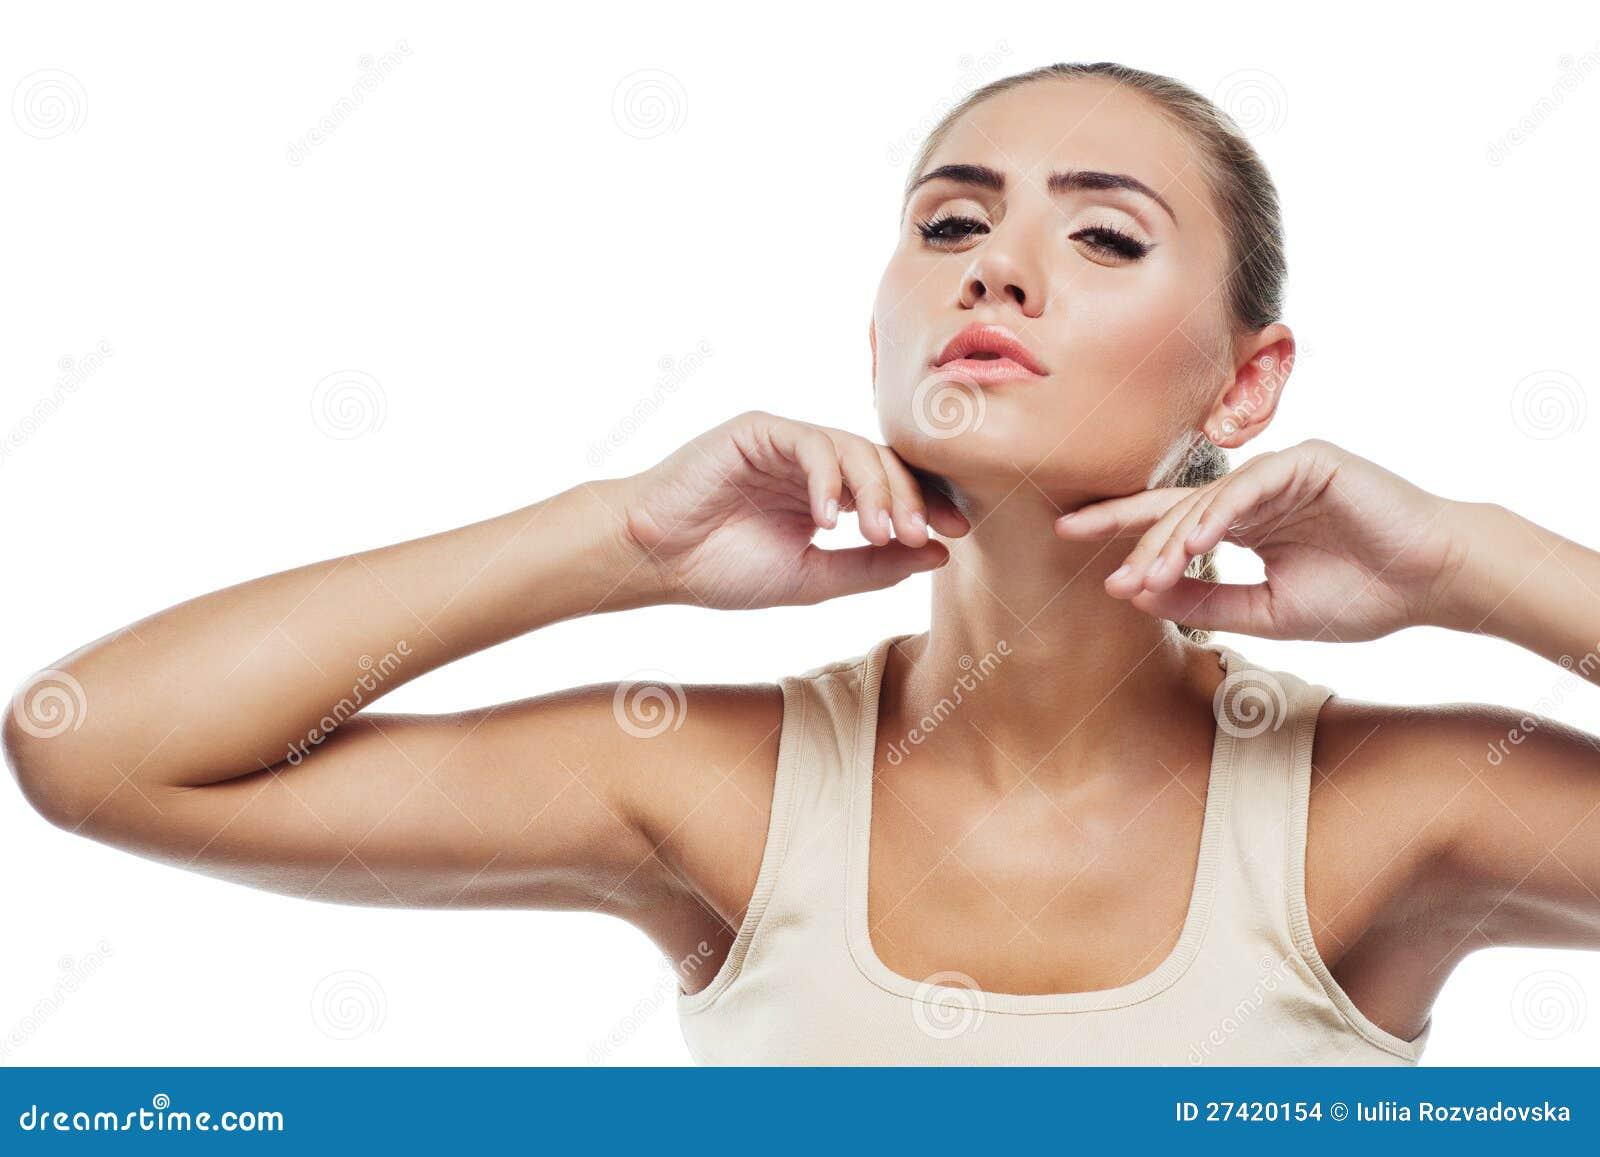 Ideal Female Body Women ideal figure